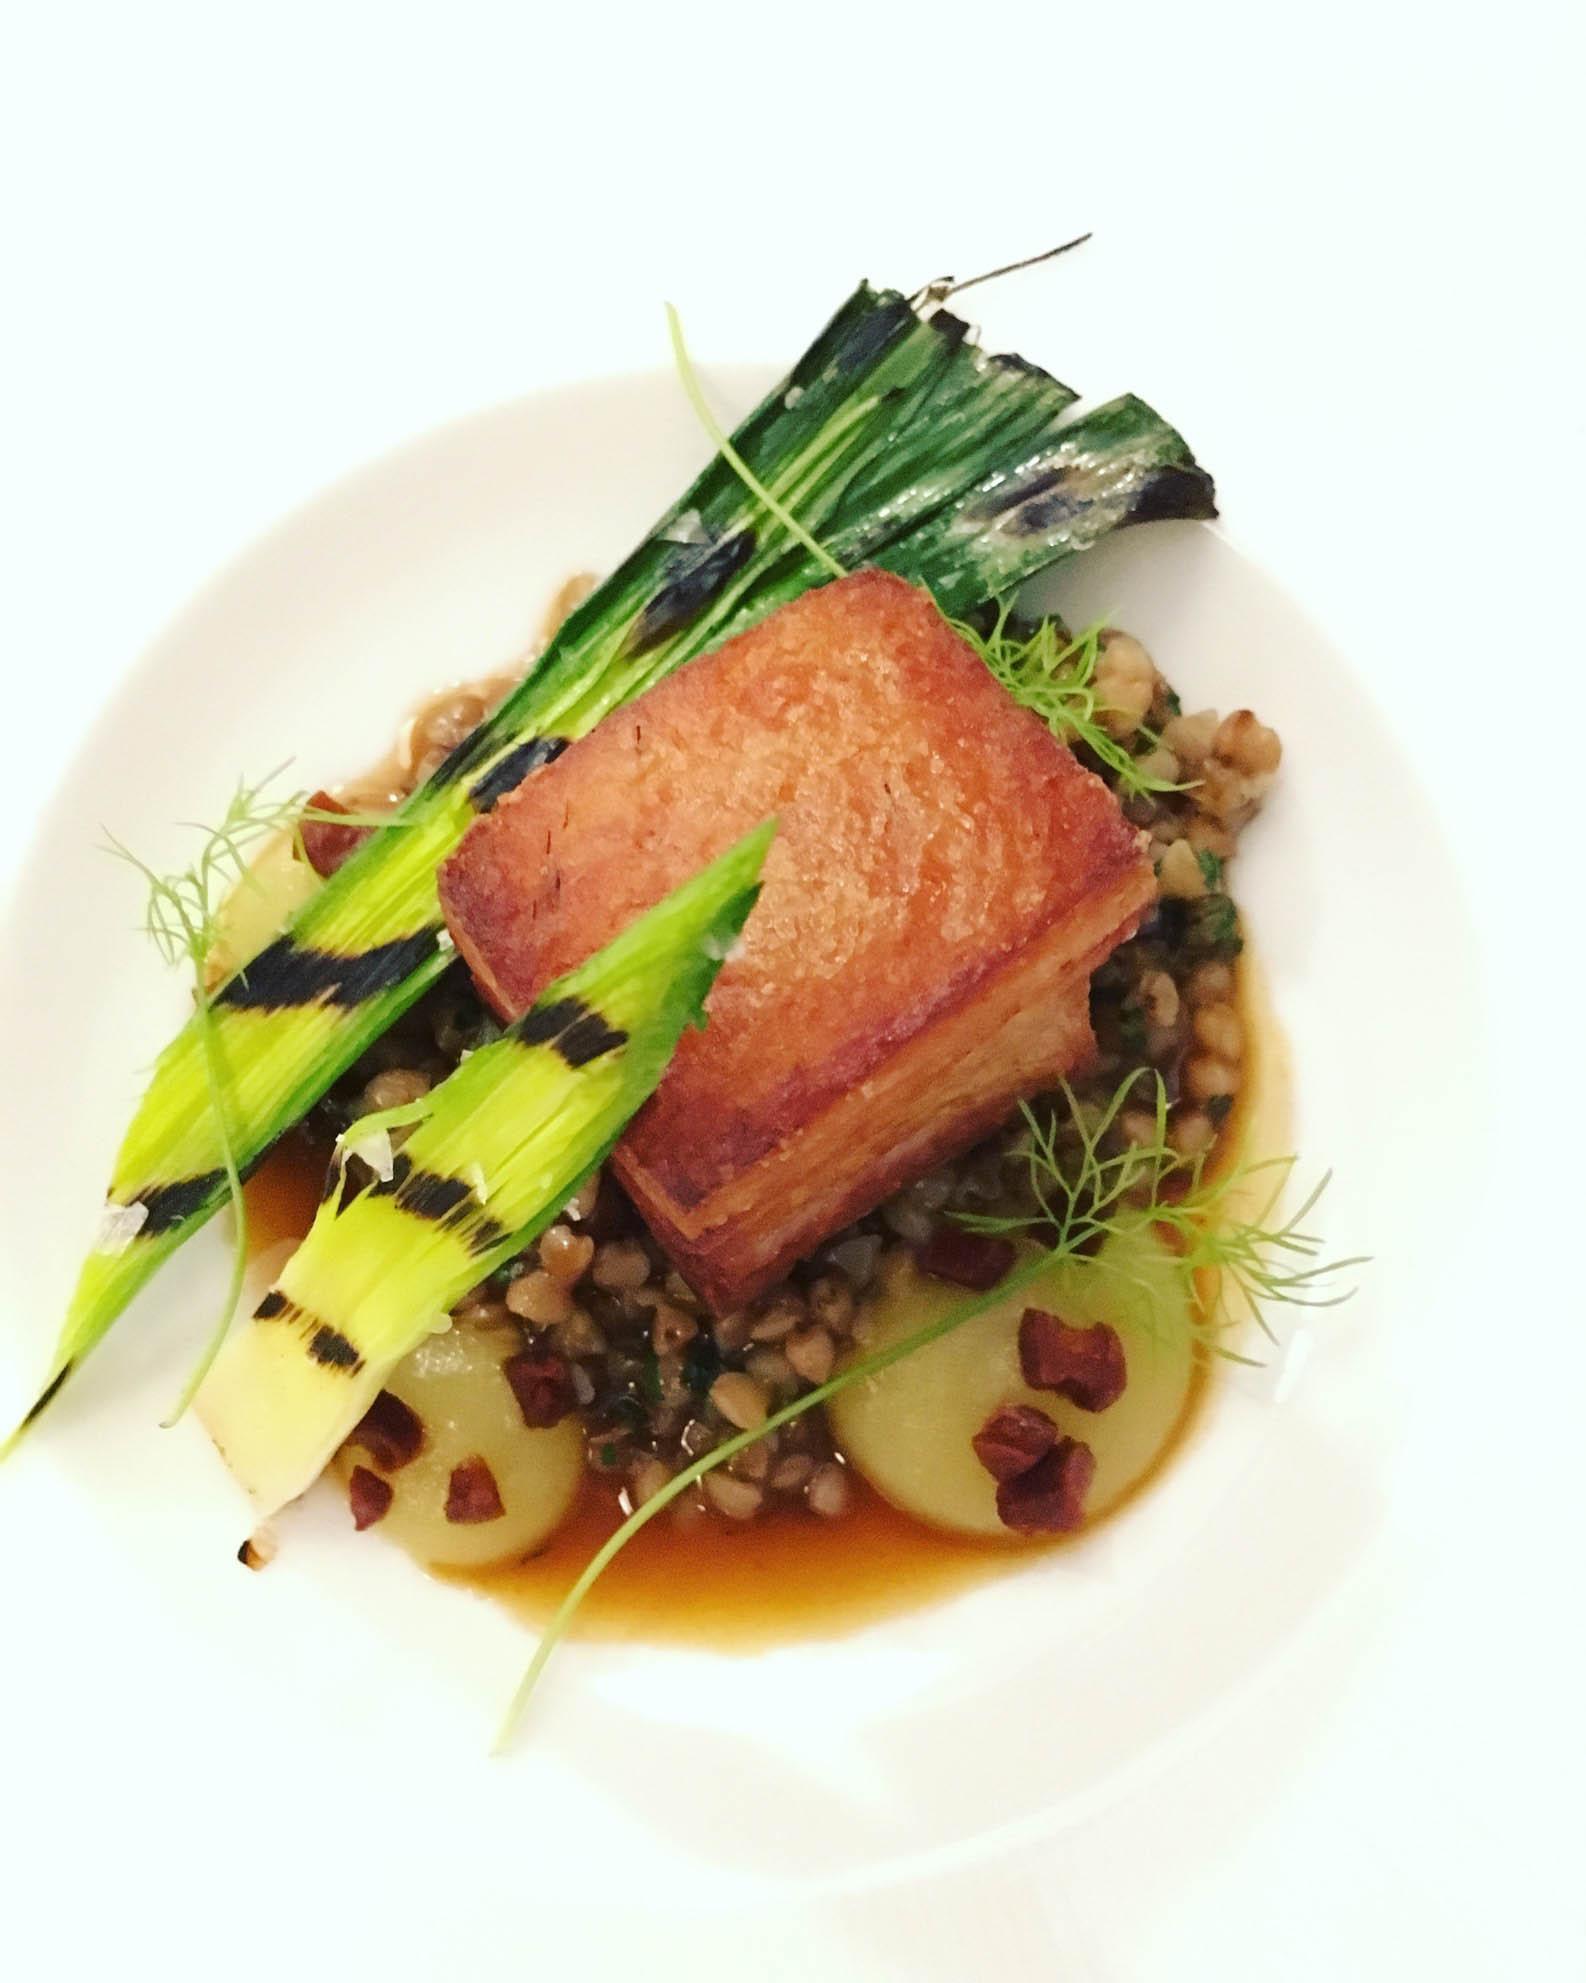 Pork belly starter, Lovage Restaurant